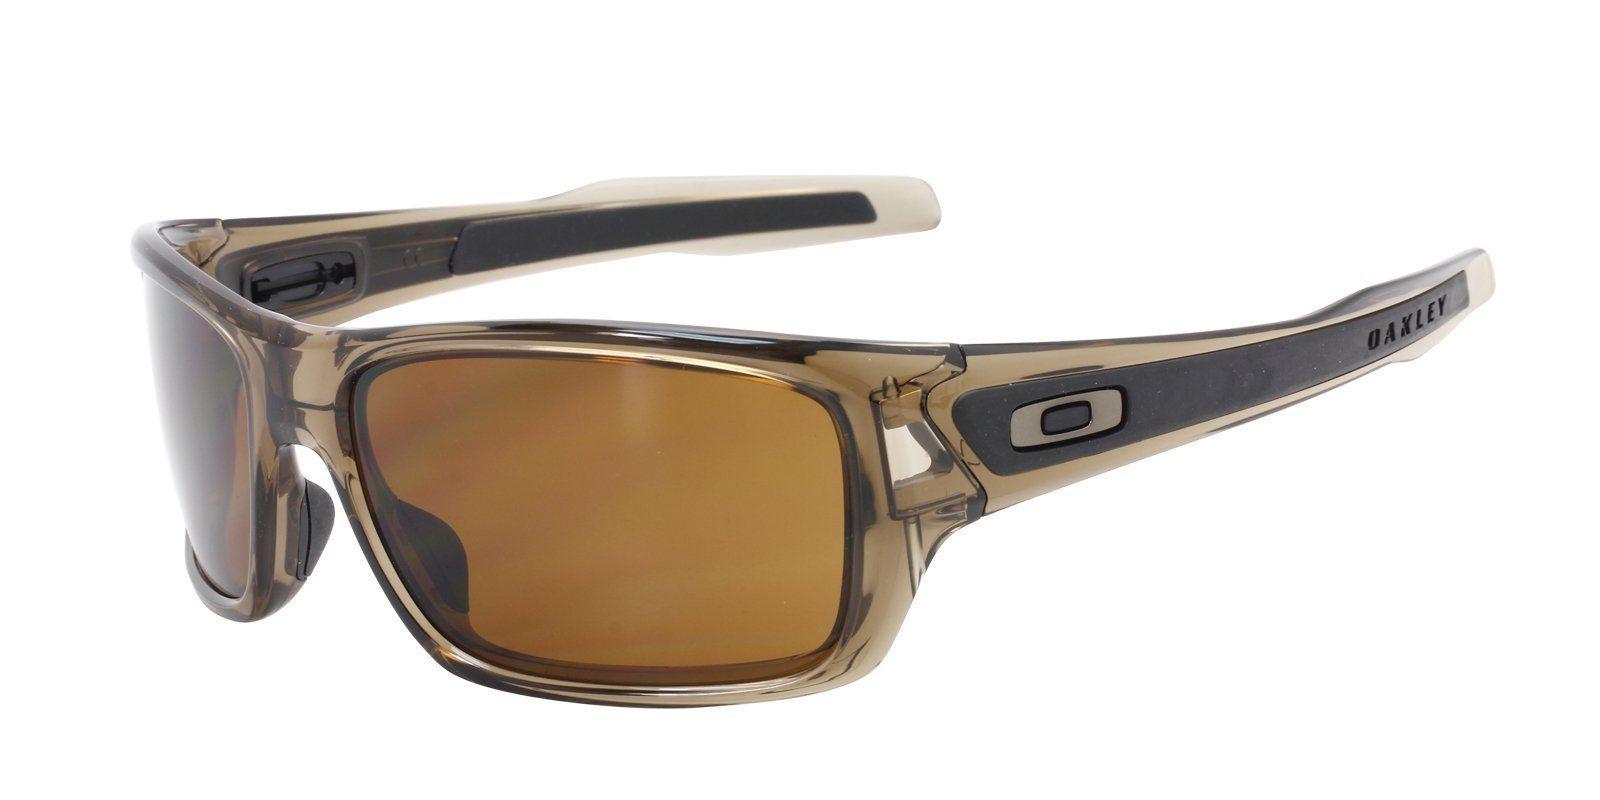 Oakley OO9263 Brown Rectangular Men Sunglasses 63mm